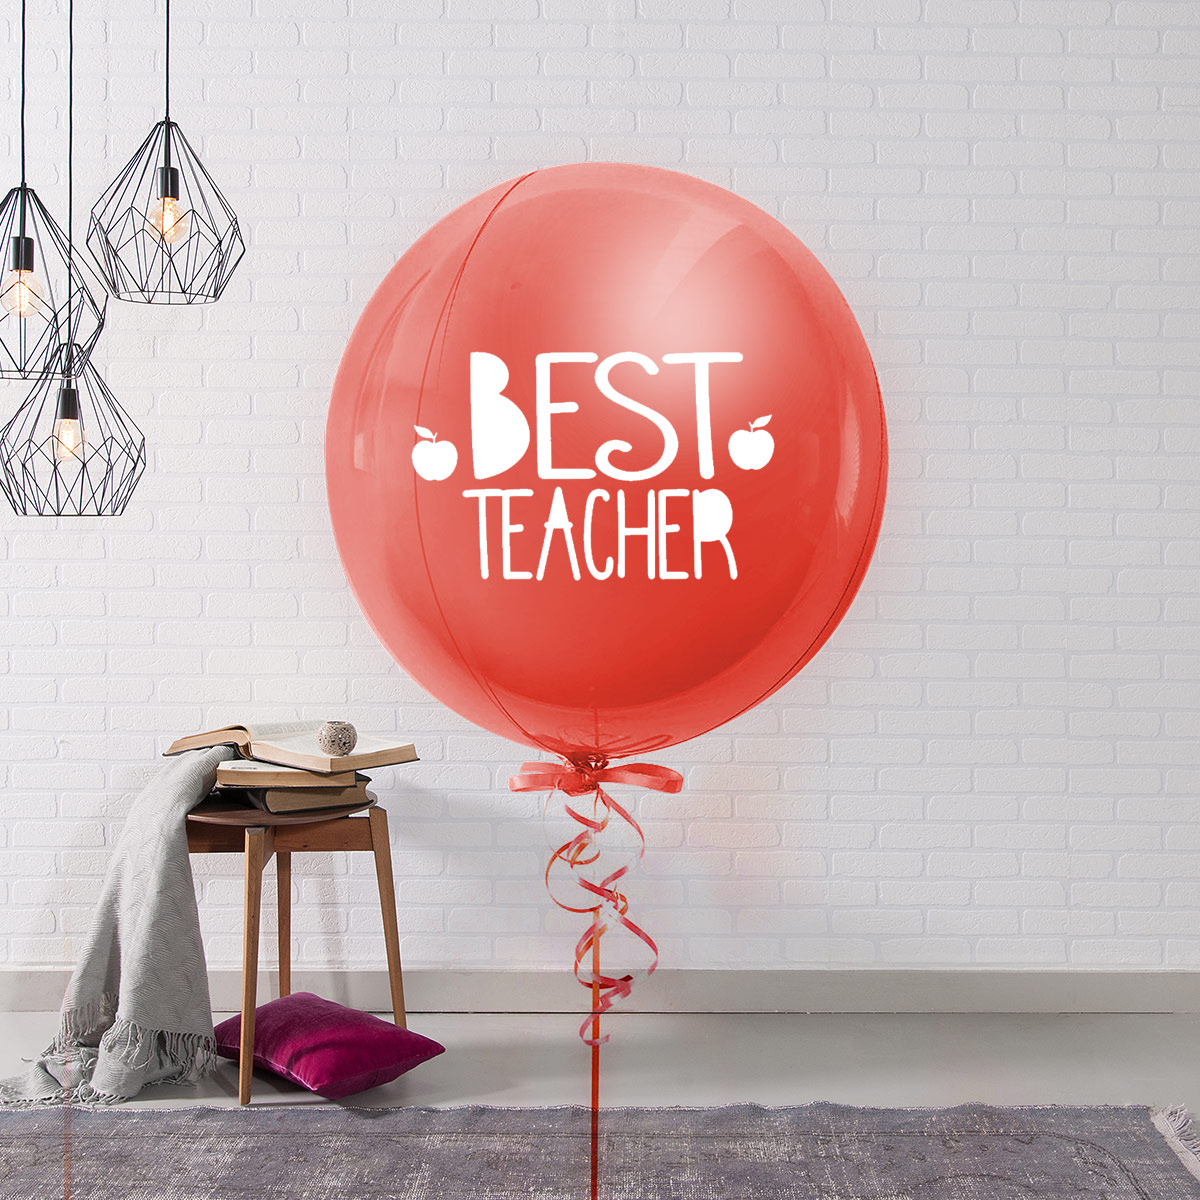 title='个性最佳教师珠光气球'